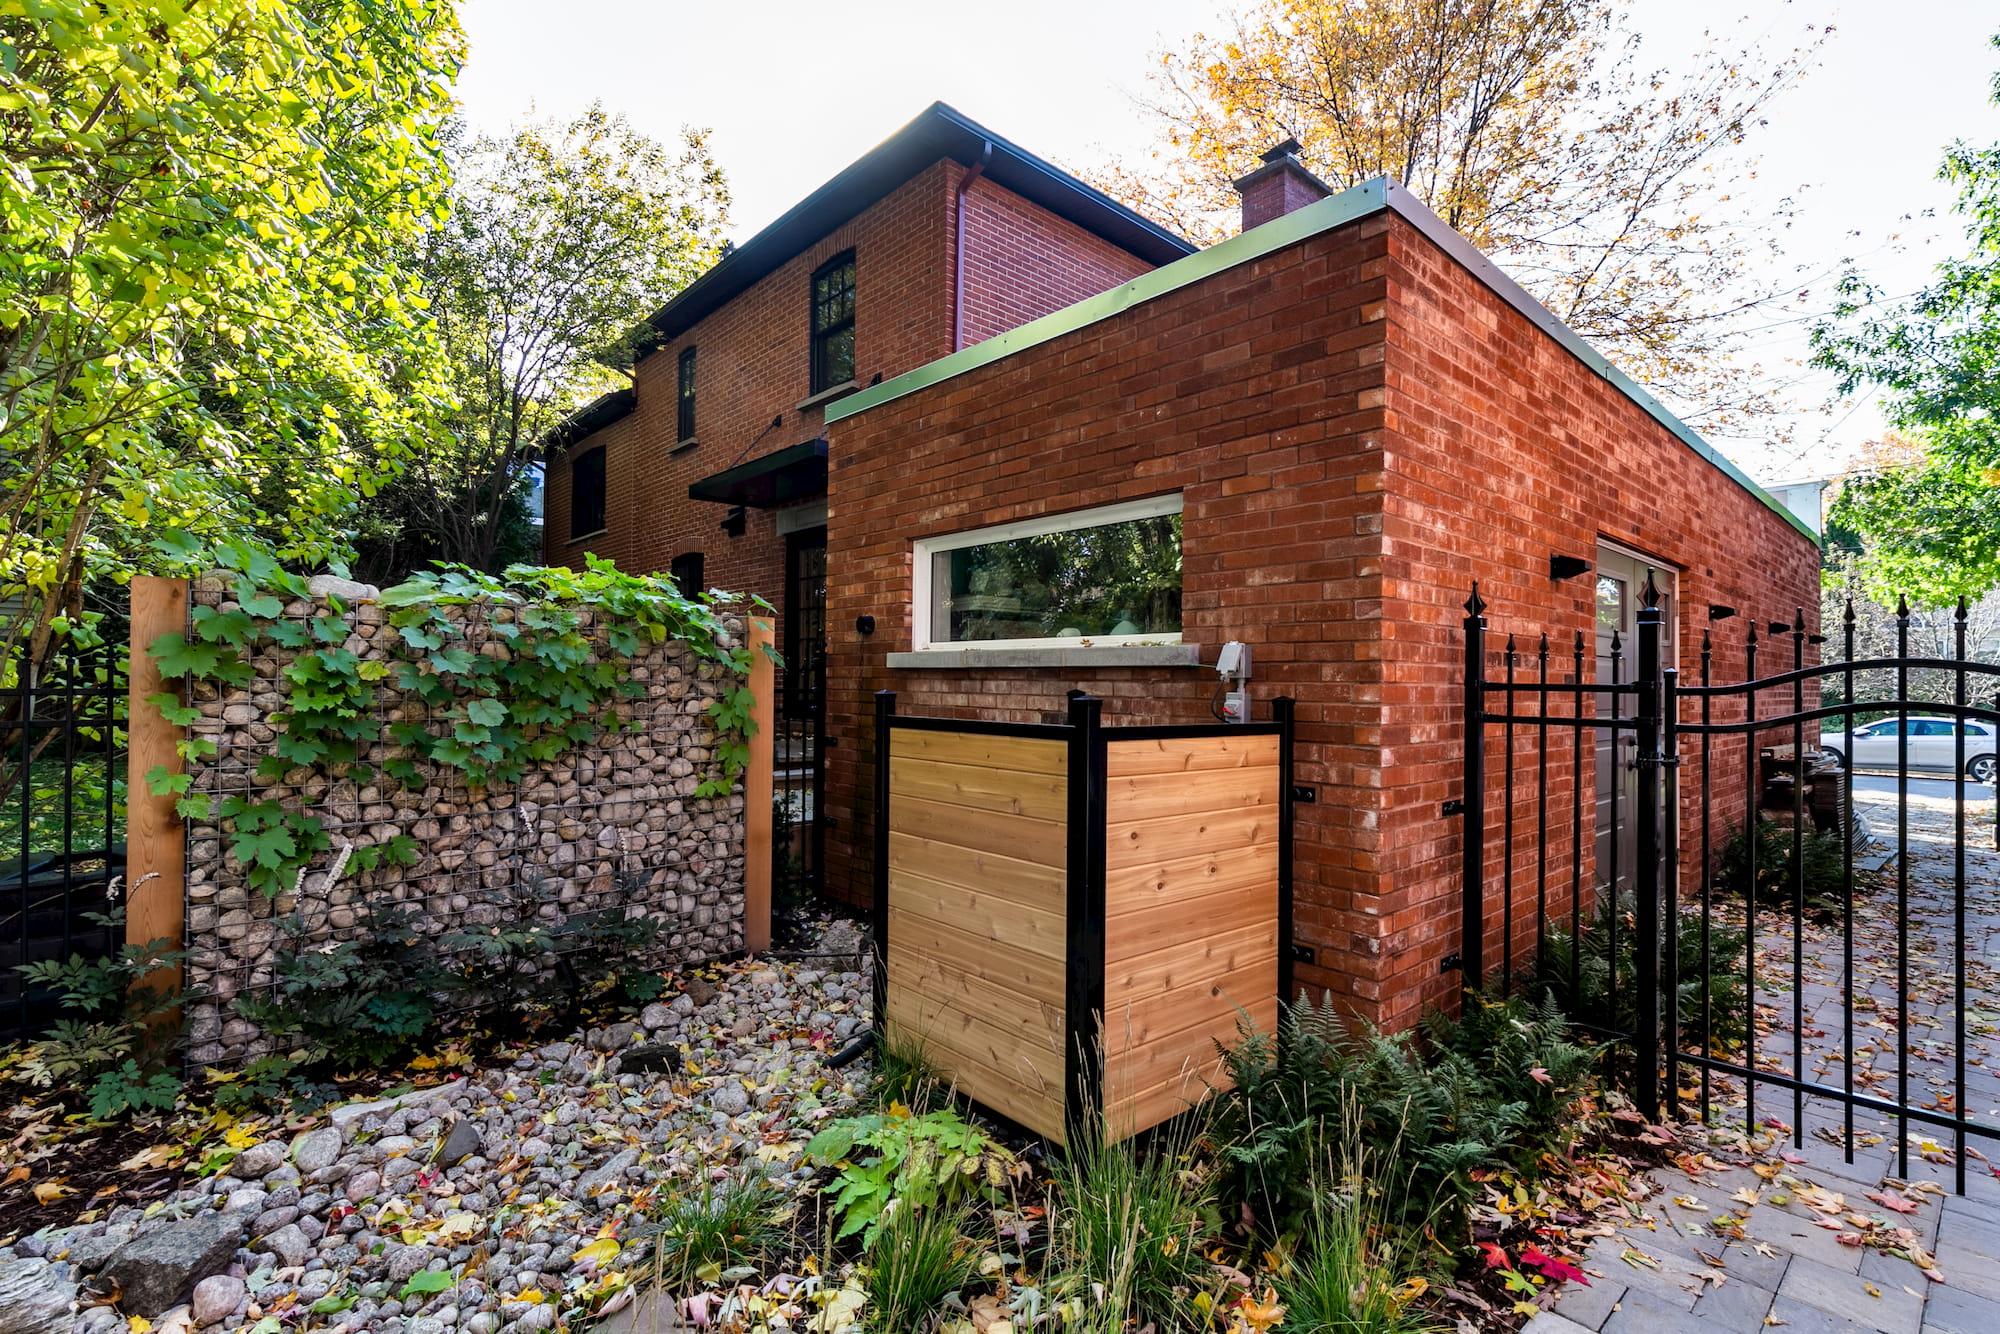 ajout de garage en brique rouge avec fenêtre arrière rectangulaire